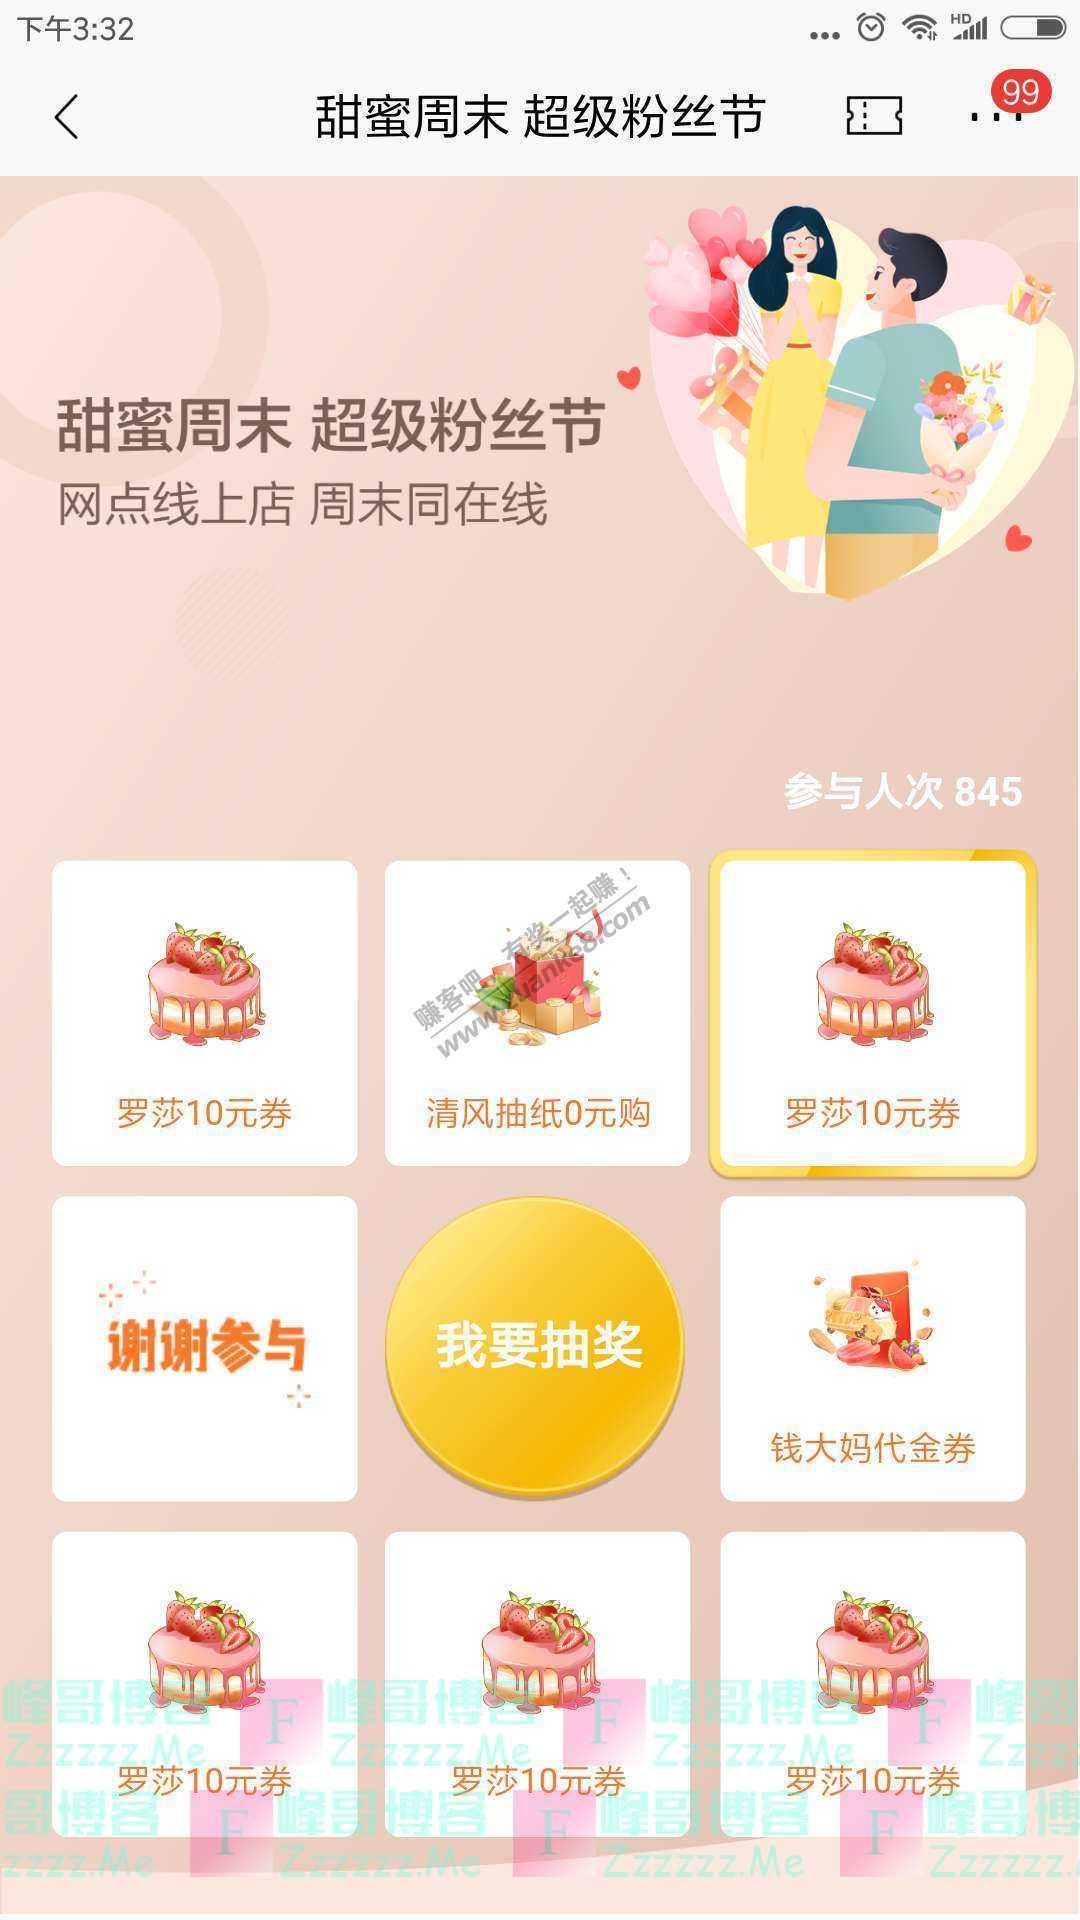 招商银行app甜蜜周末 超级粉丝节(截止8月23日)